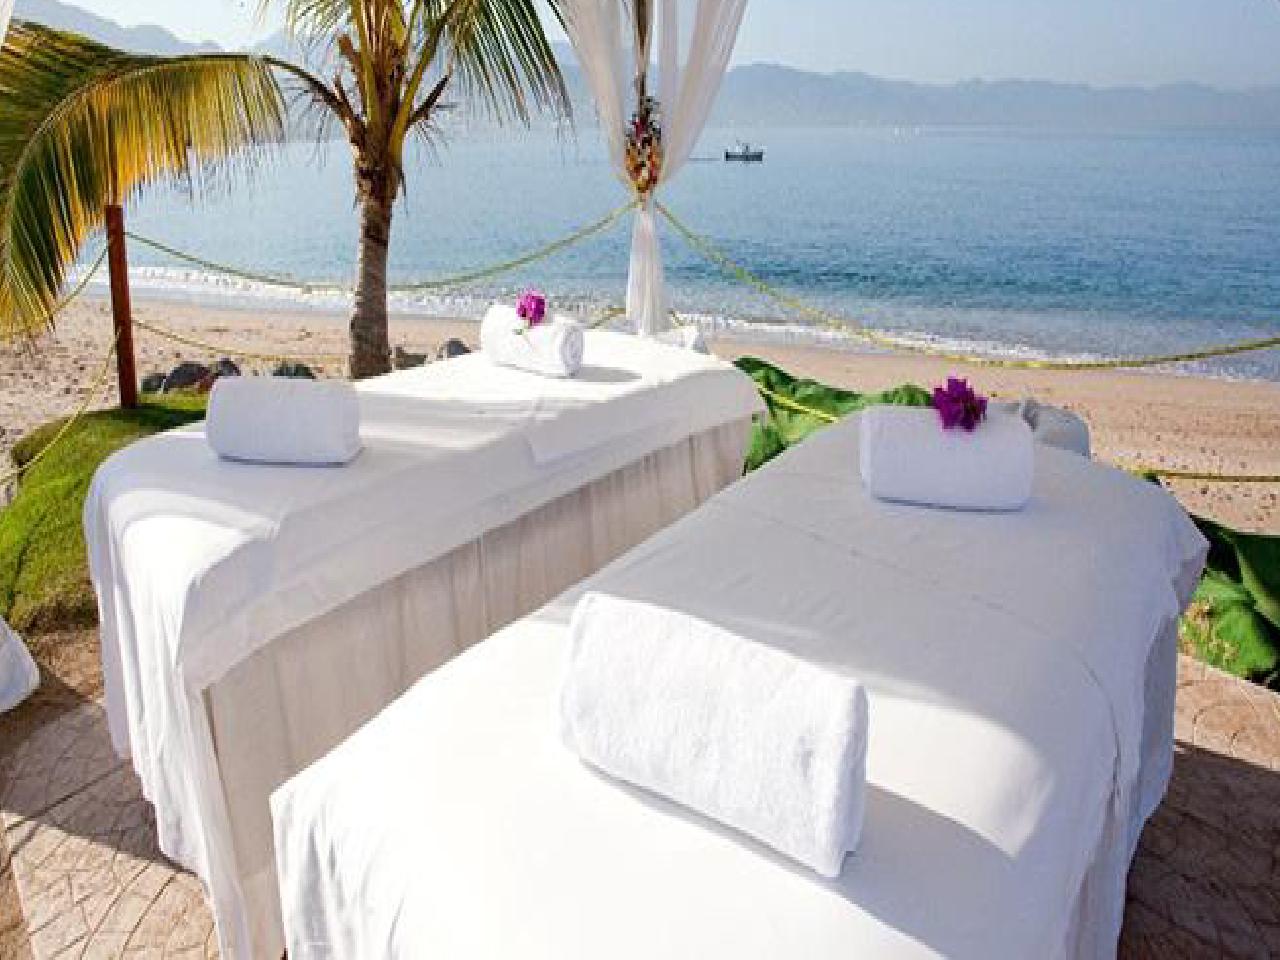 hotel pasillo - Bodas en la playa